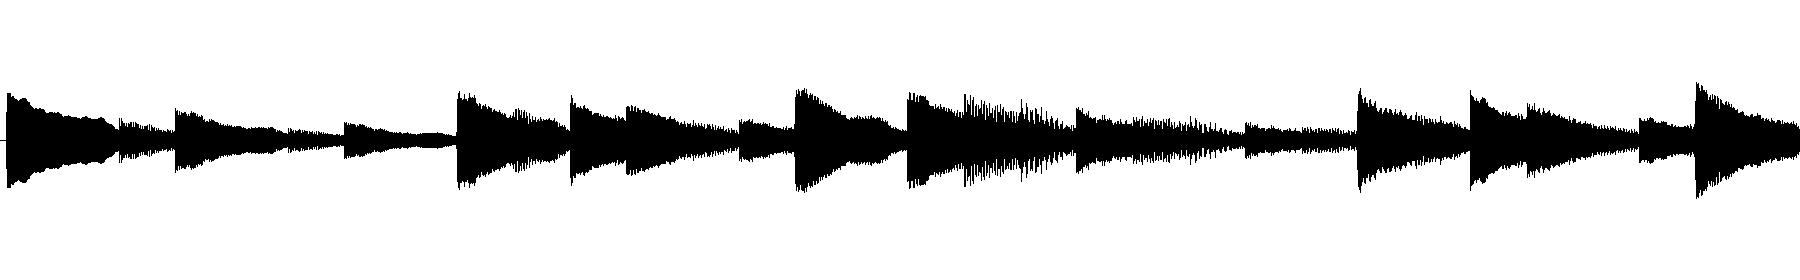 loop65125bpm